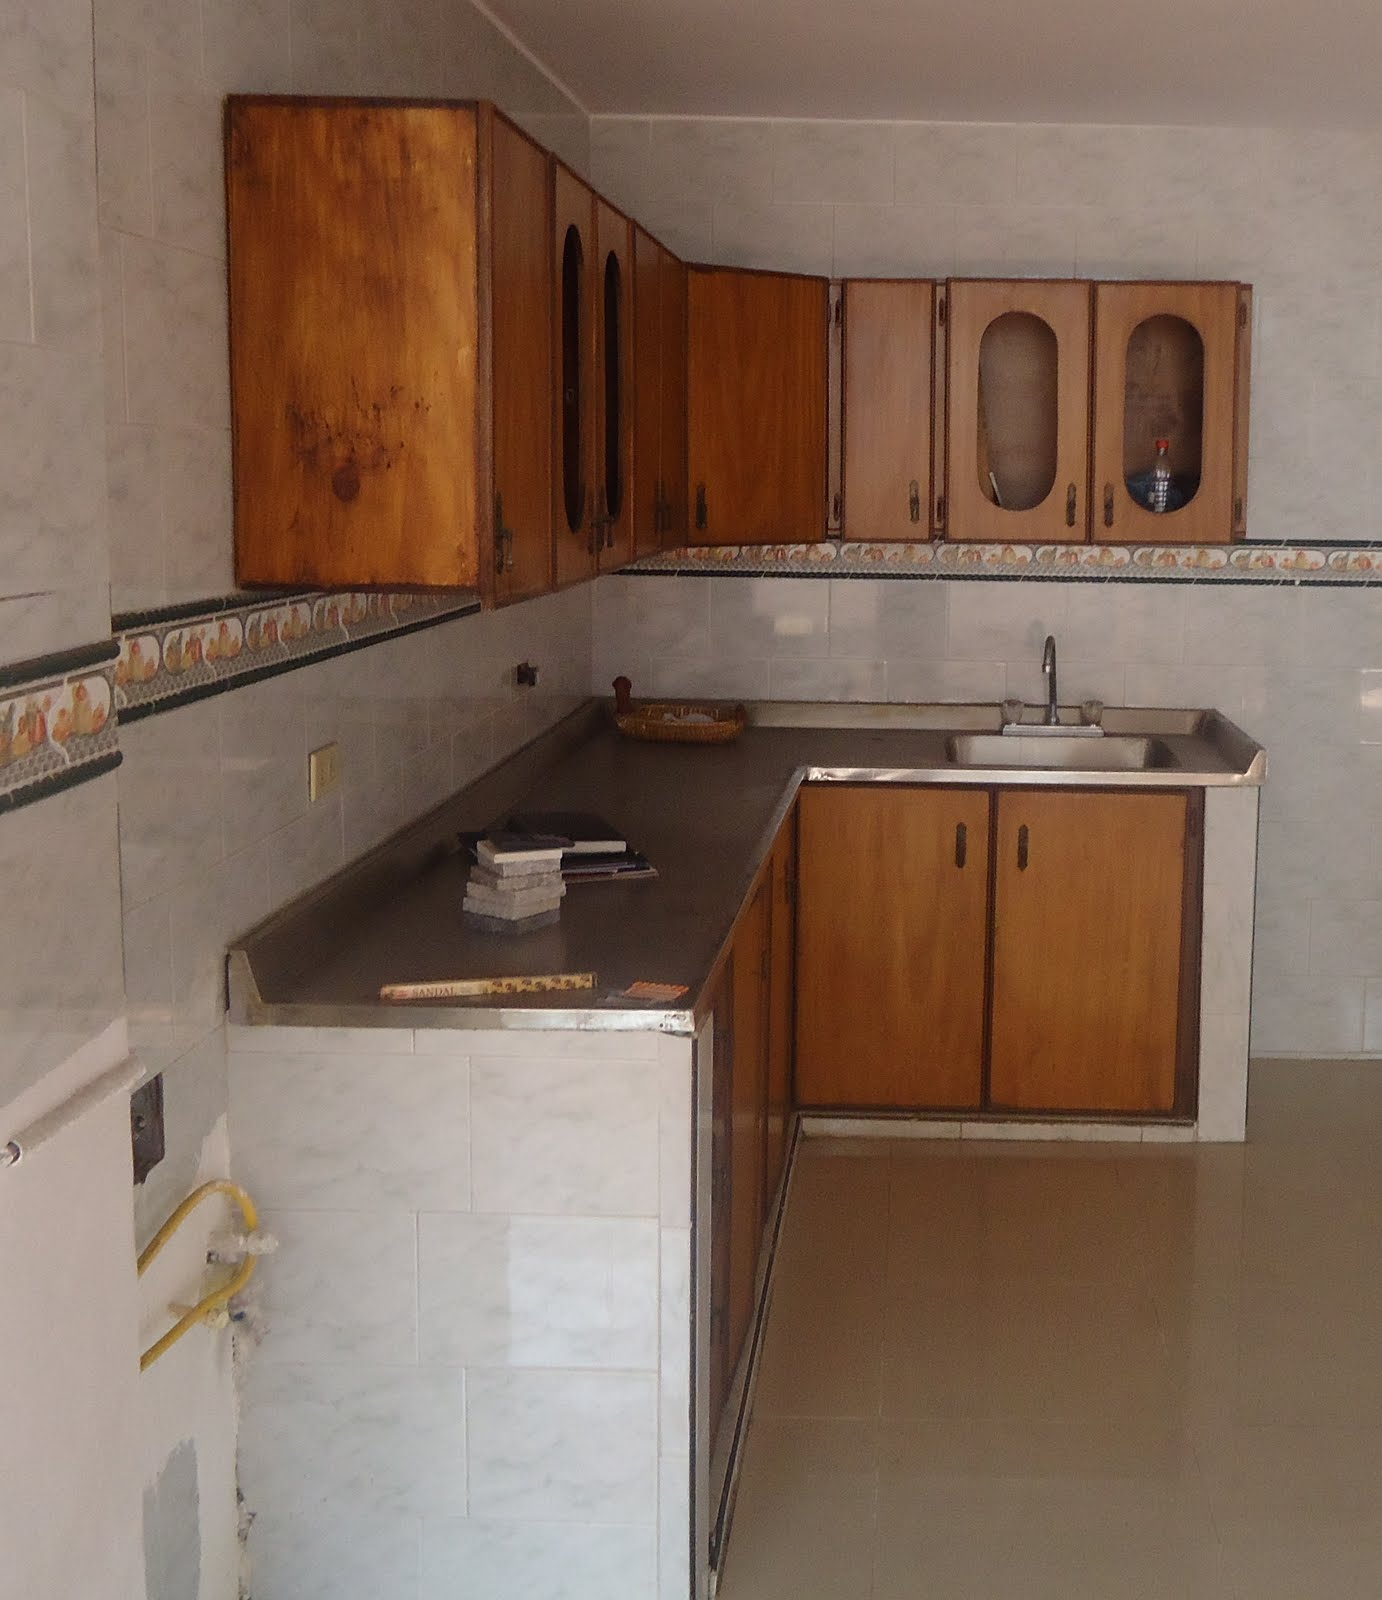 Laminas De Acero Inoxidable Para Cocinas - Diseños Arquitectónicos ...